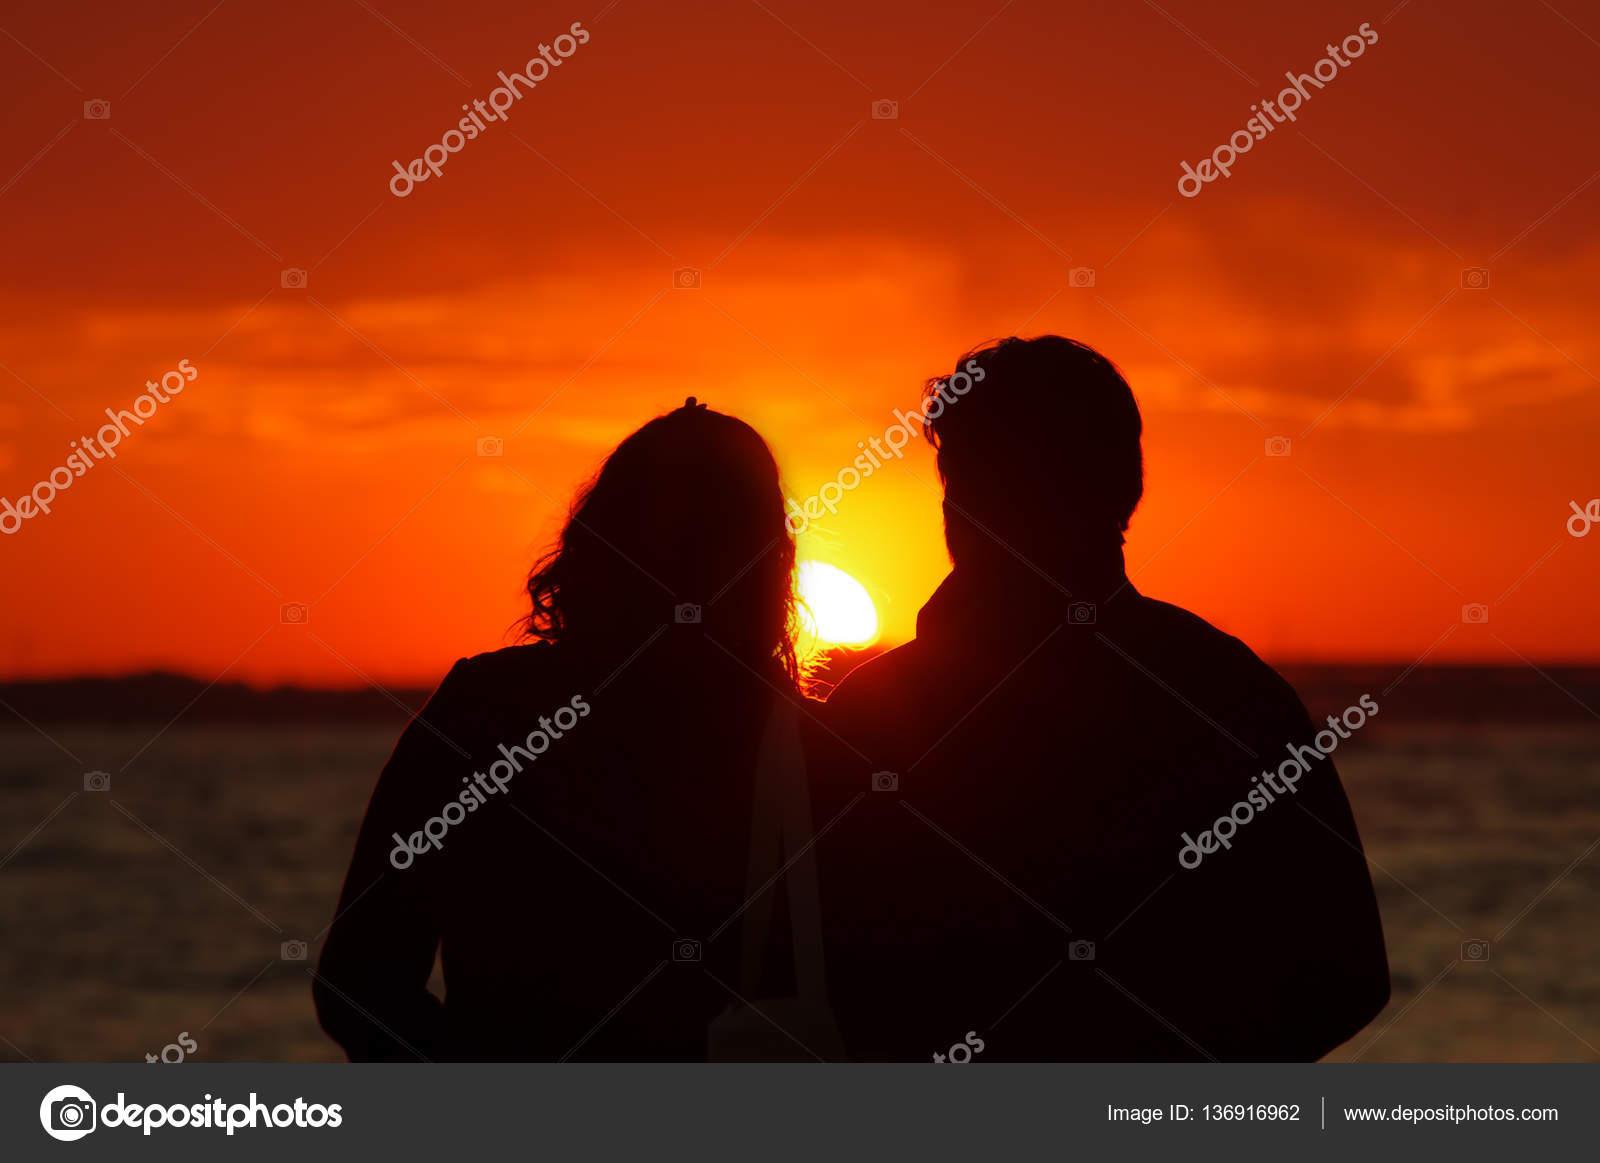 Imágenes Parejas Enamorados Pareja De Enamorados Viendo Atardecer